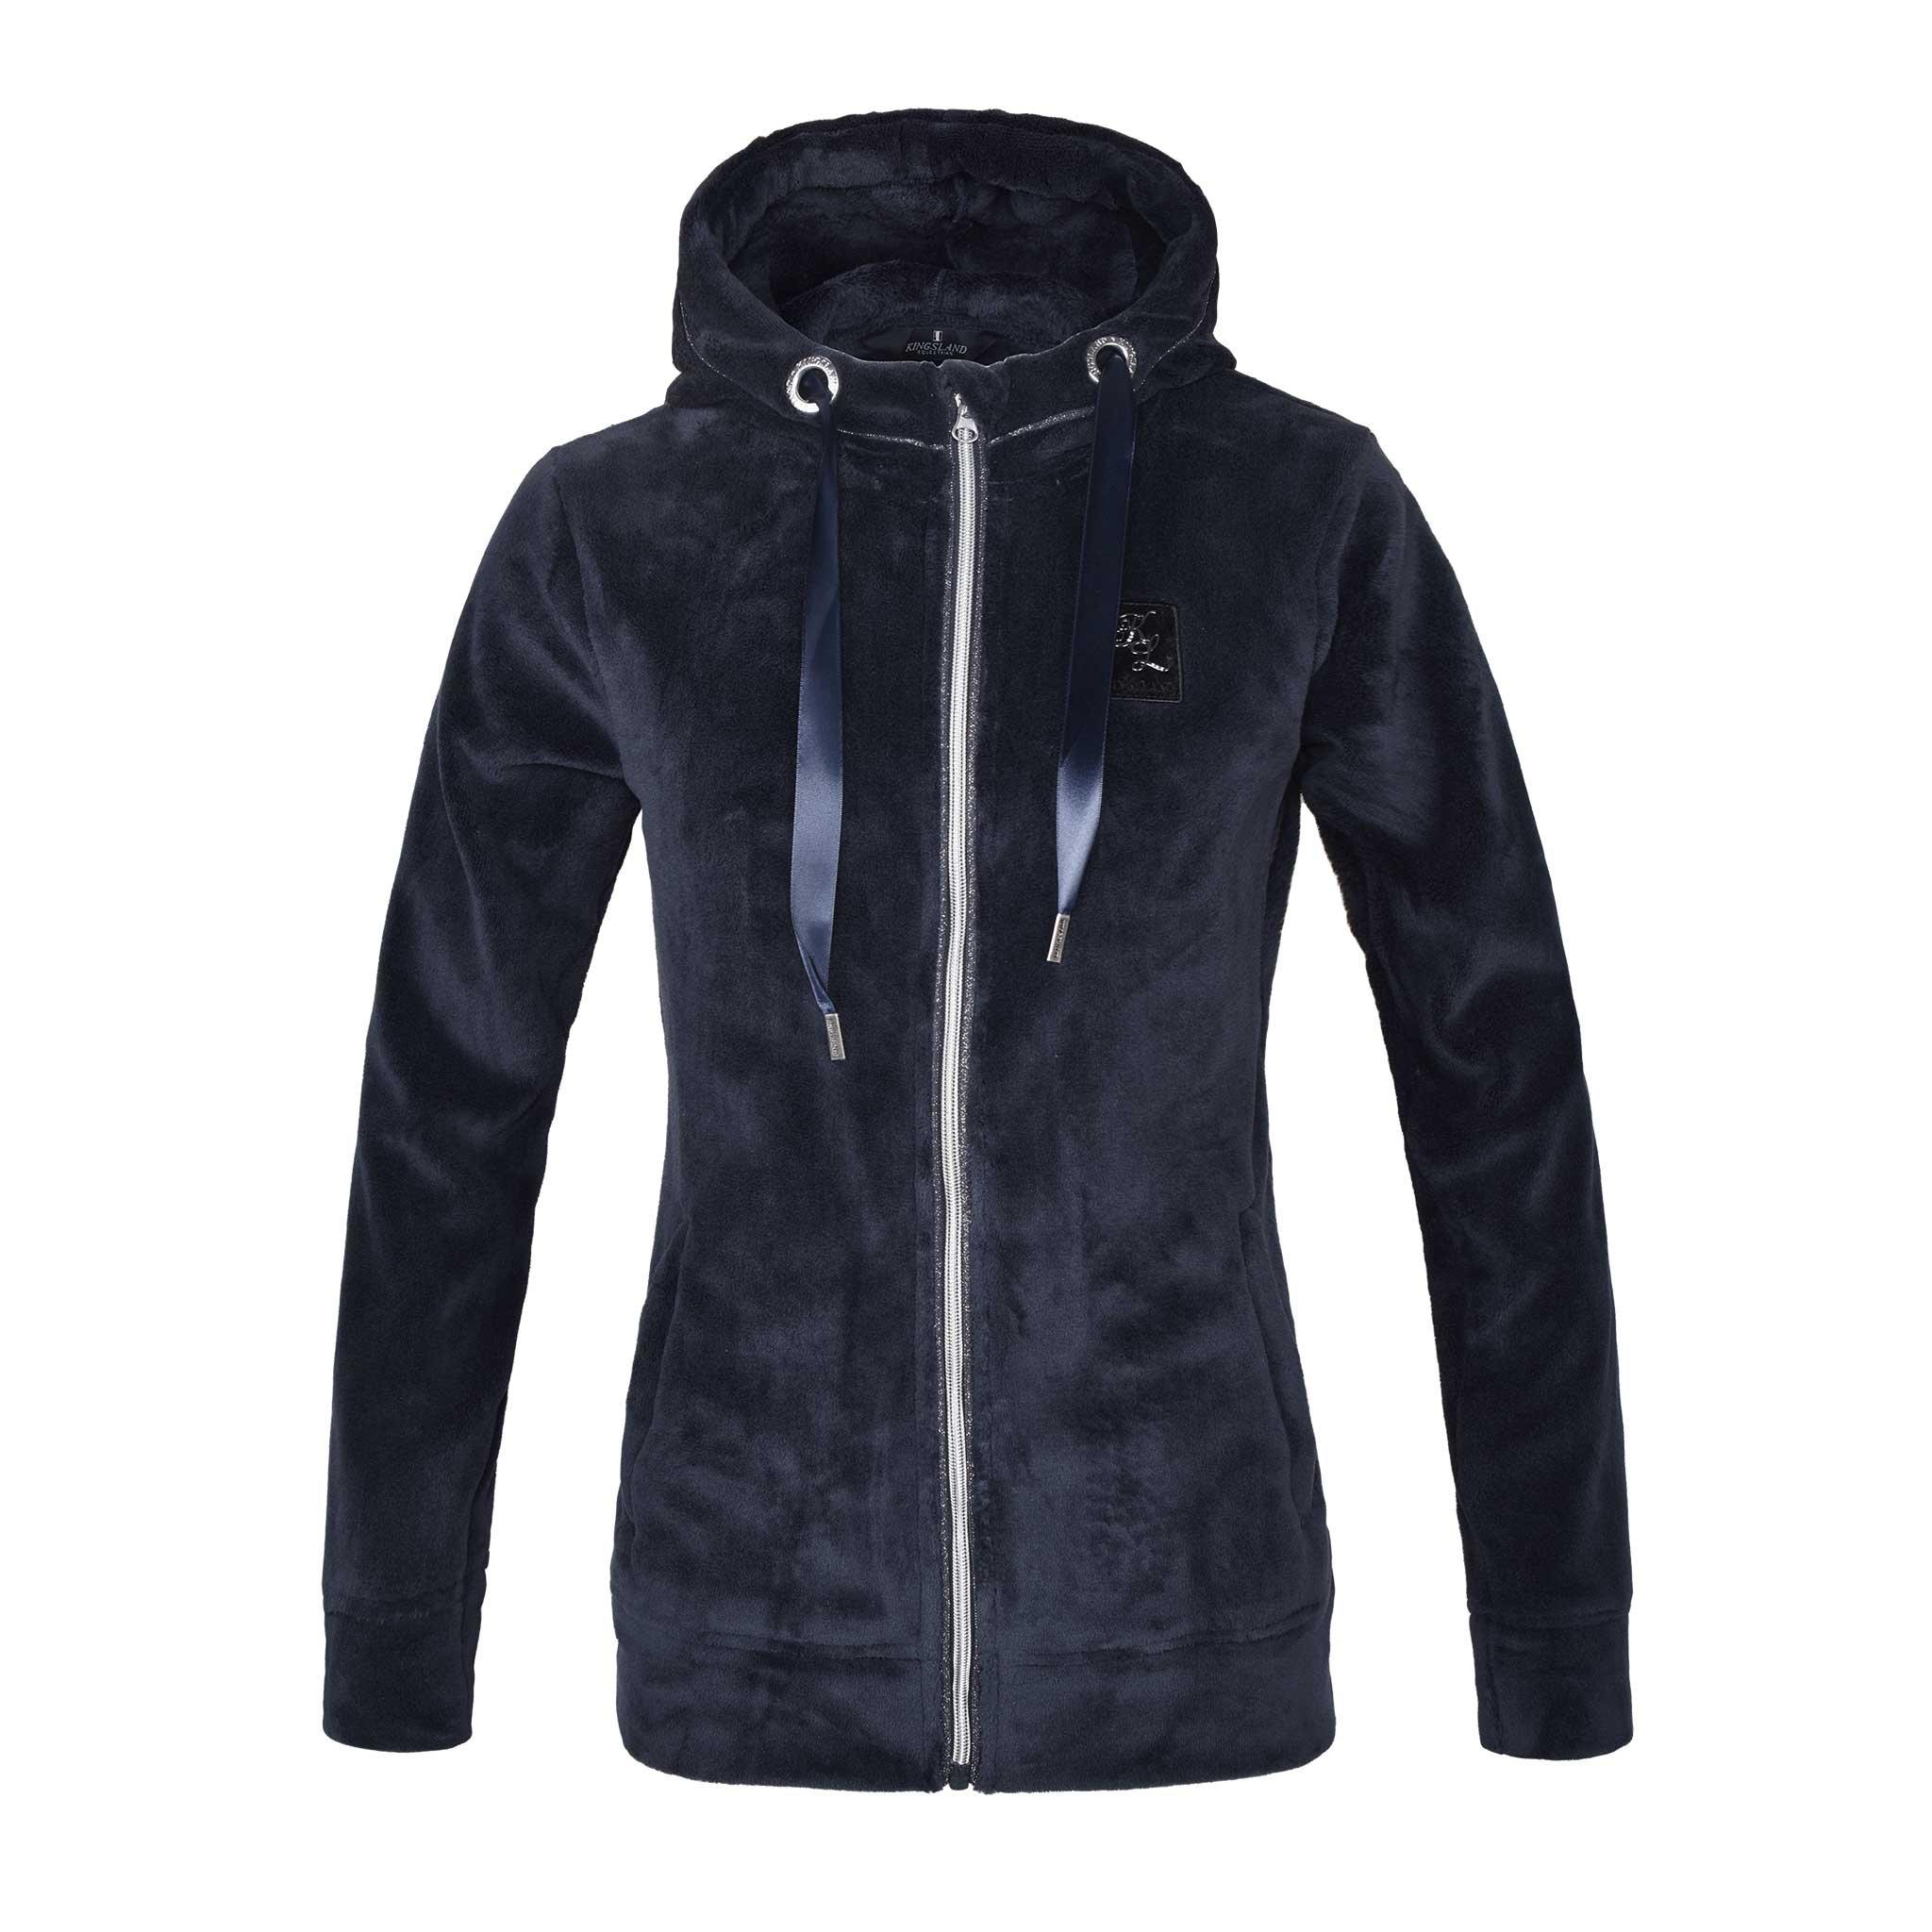 Kingsland Ida Ladies Coral Fleece Jacket